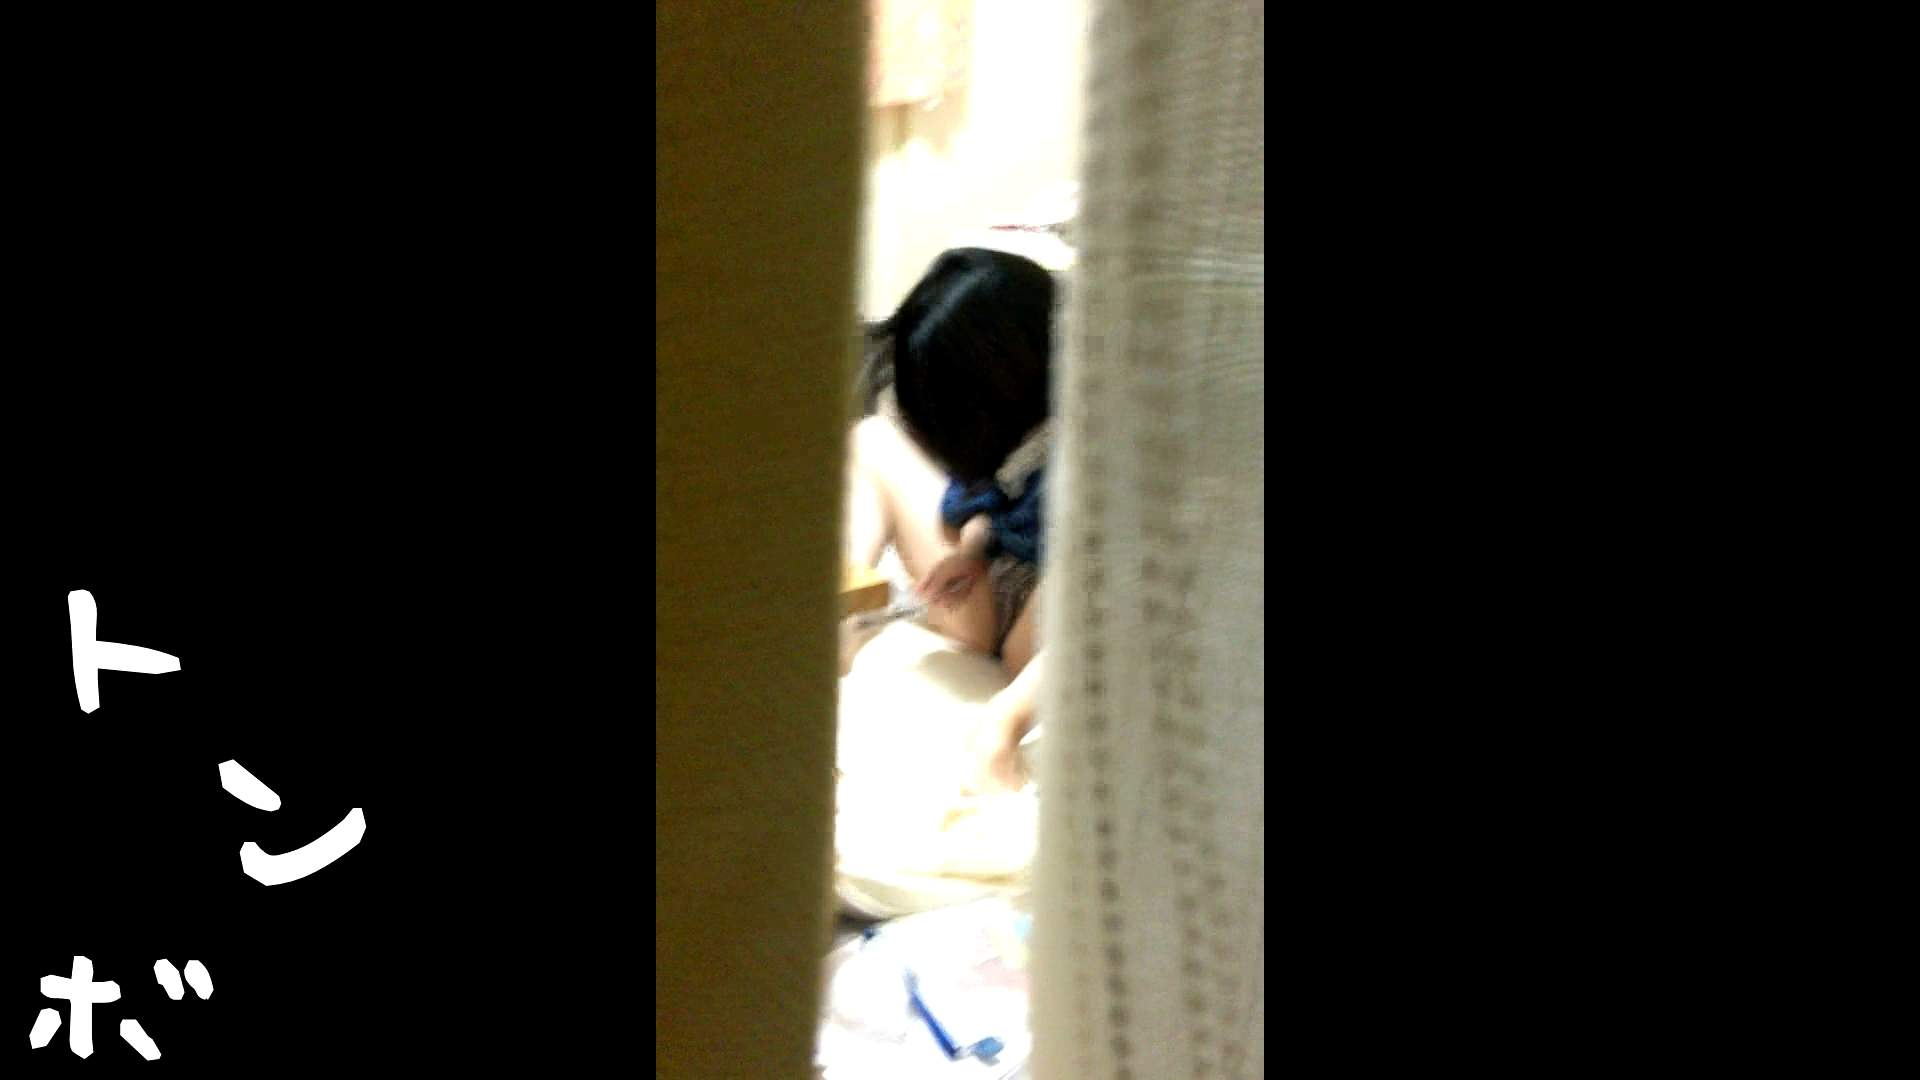 リアル盗撮 作家志望J子 アソコのお手入れ最中に感じてパンツを湿らす 盗撮   高画質  105pic 36